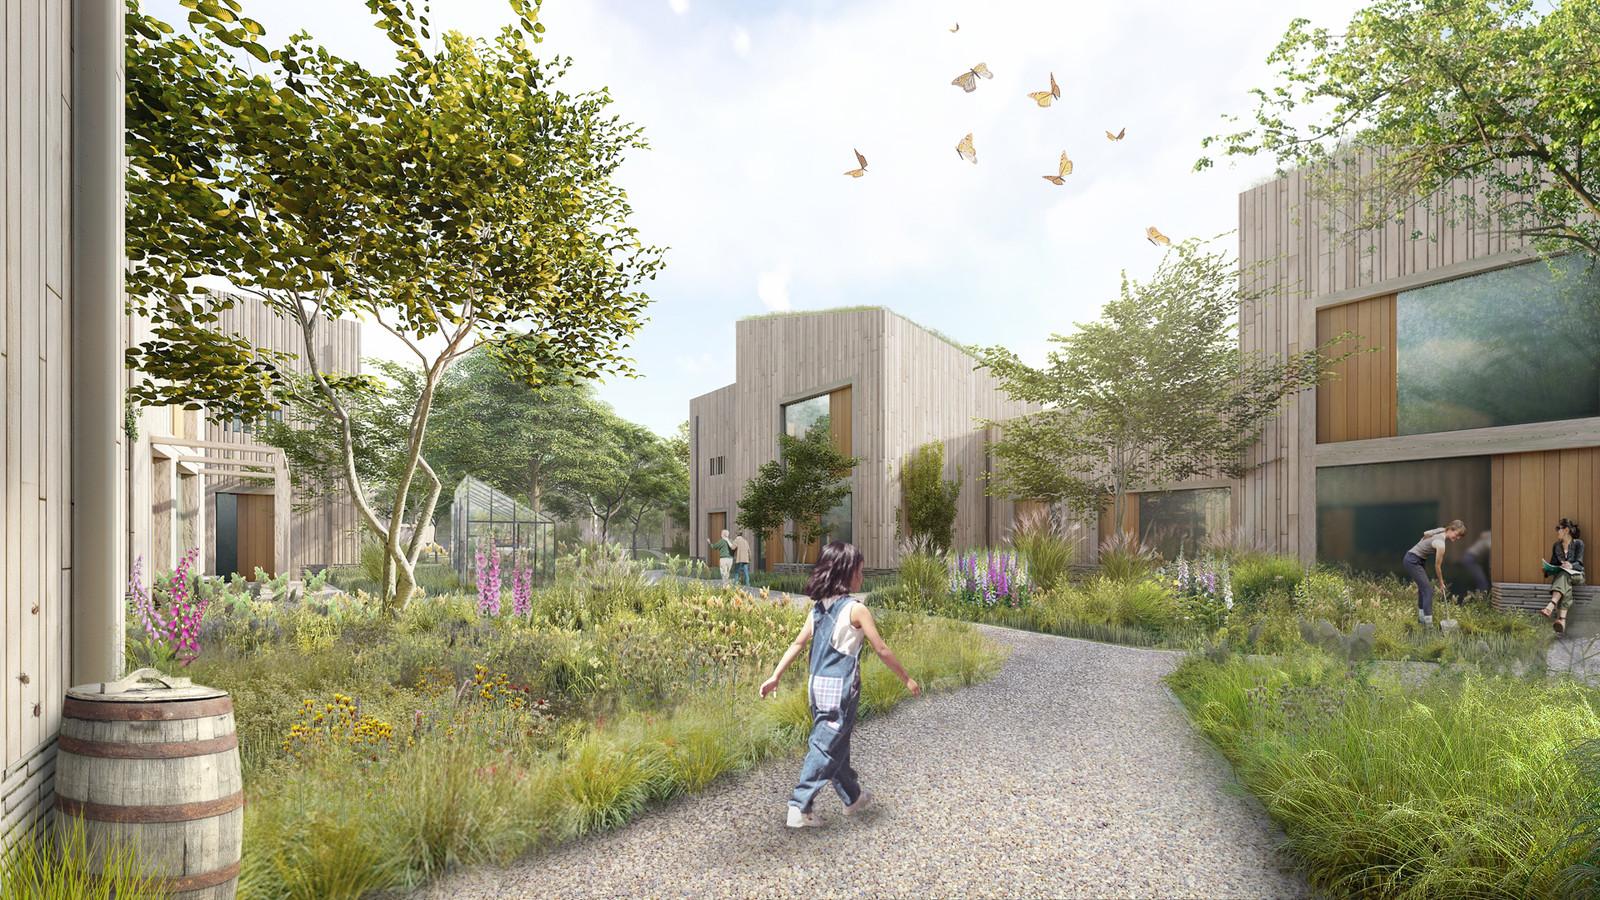 Buurtschap Waldschap, een ontwerp van LPM Development voor 48 woningen in de wijk Bosrijk in Meerhoven.